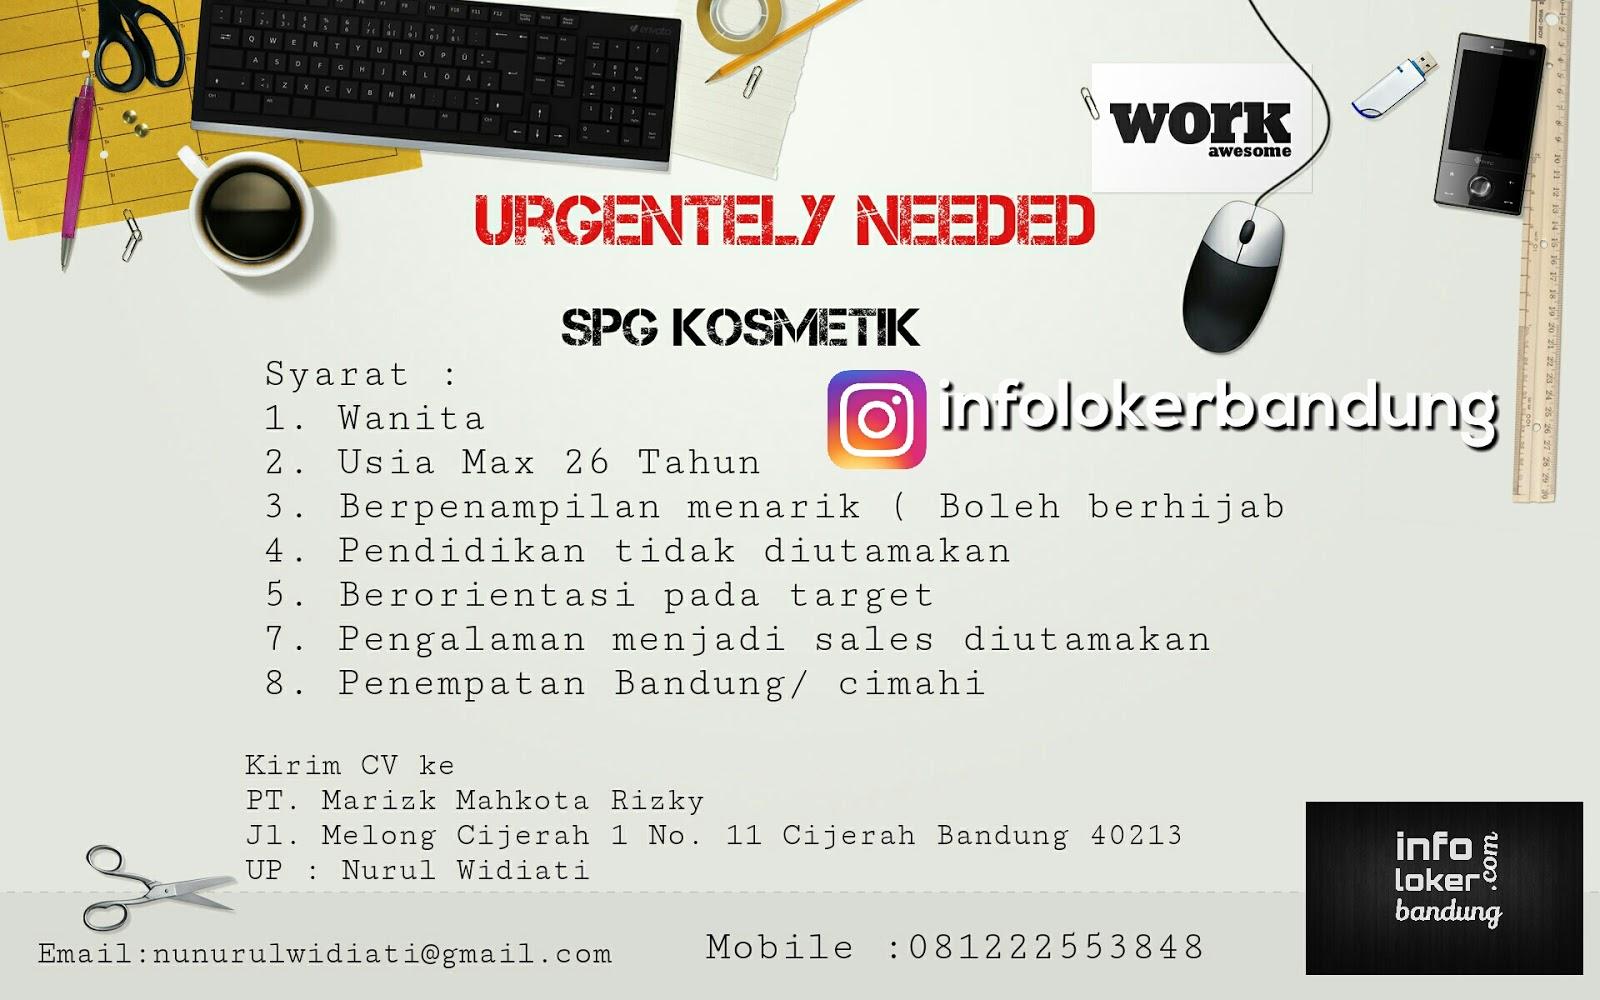 Lowongan Kerja SPG PT. Marizk Mahkota Rizky Bandung Juni 2017